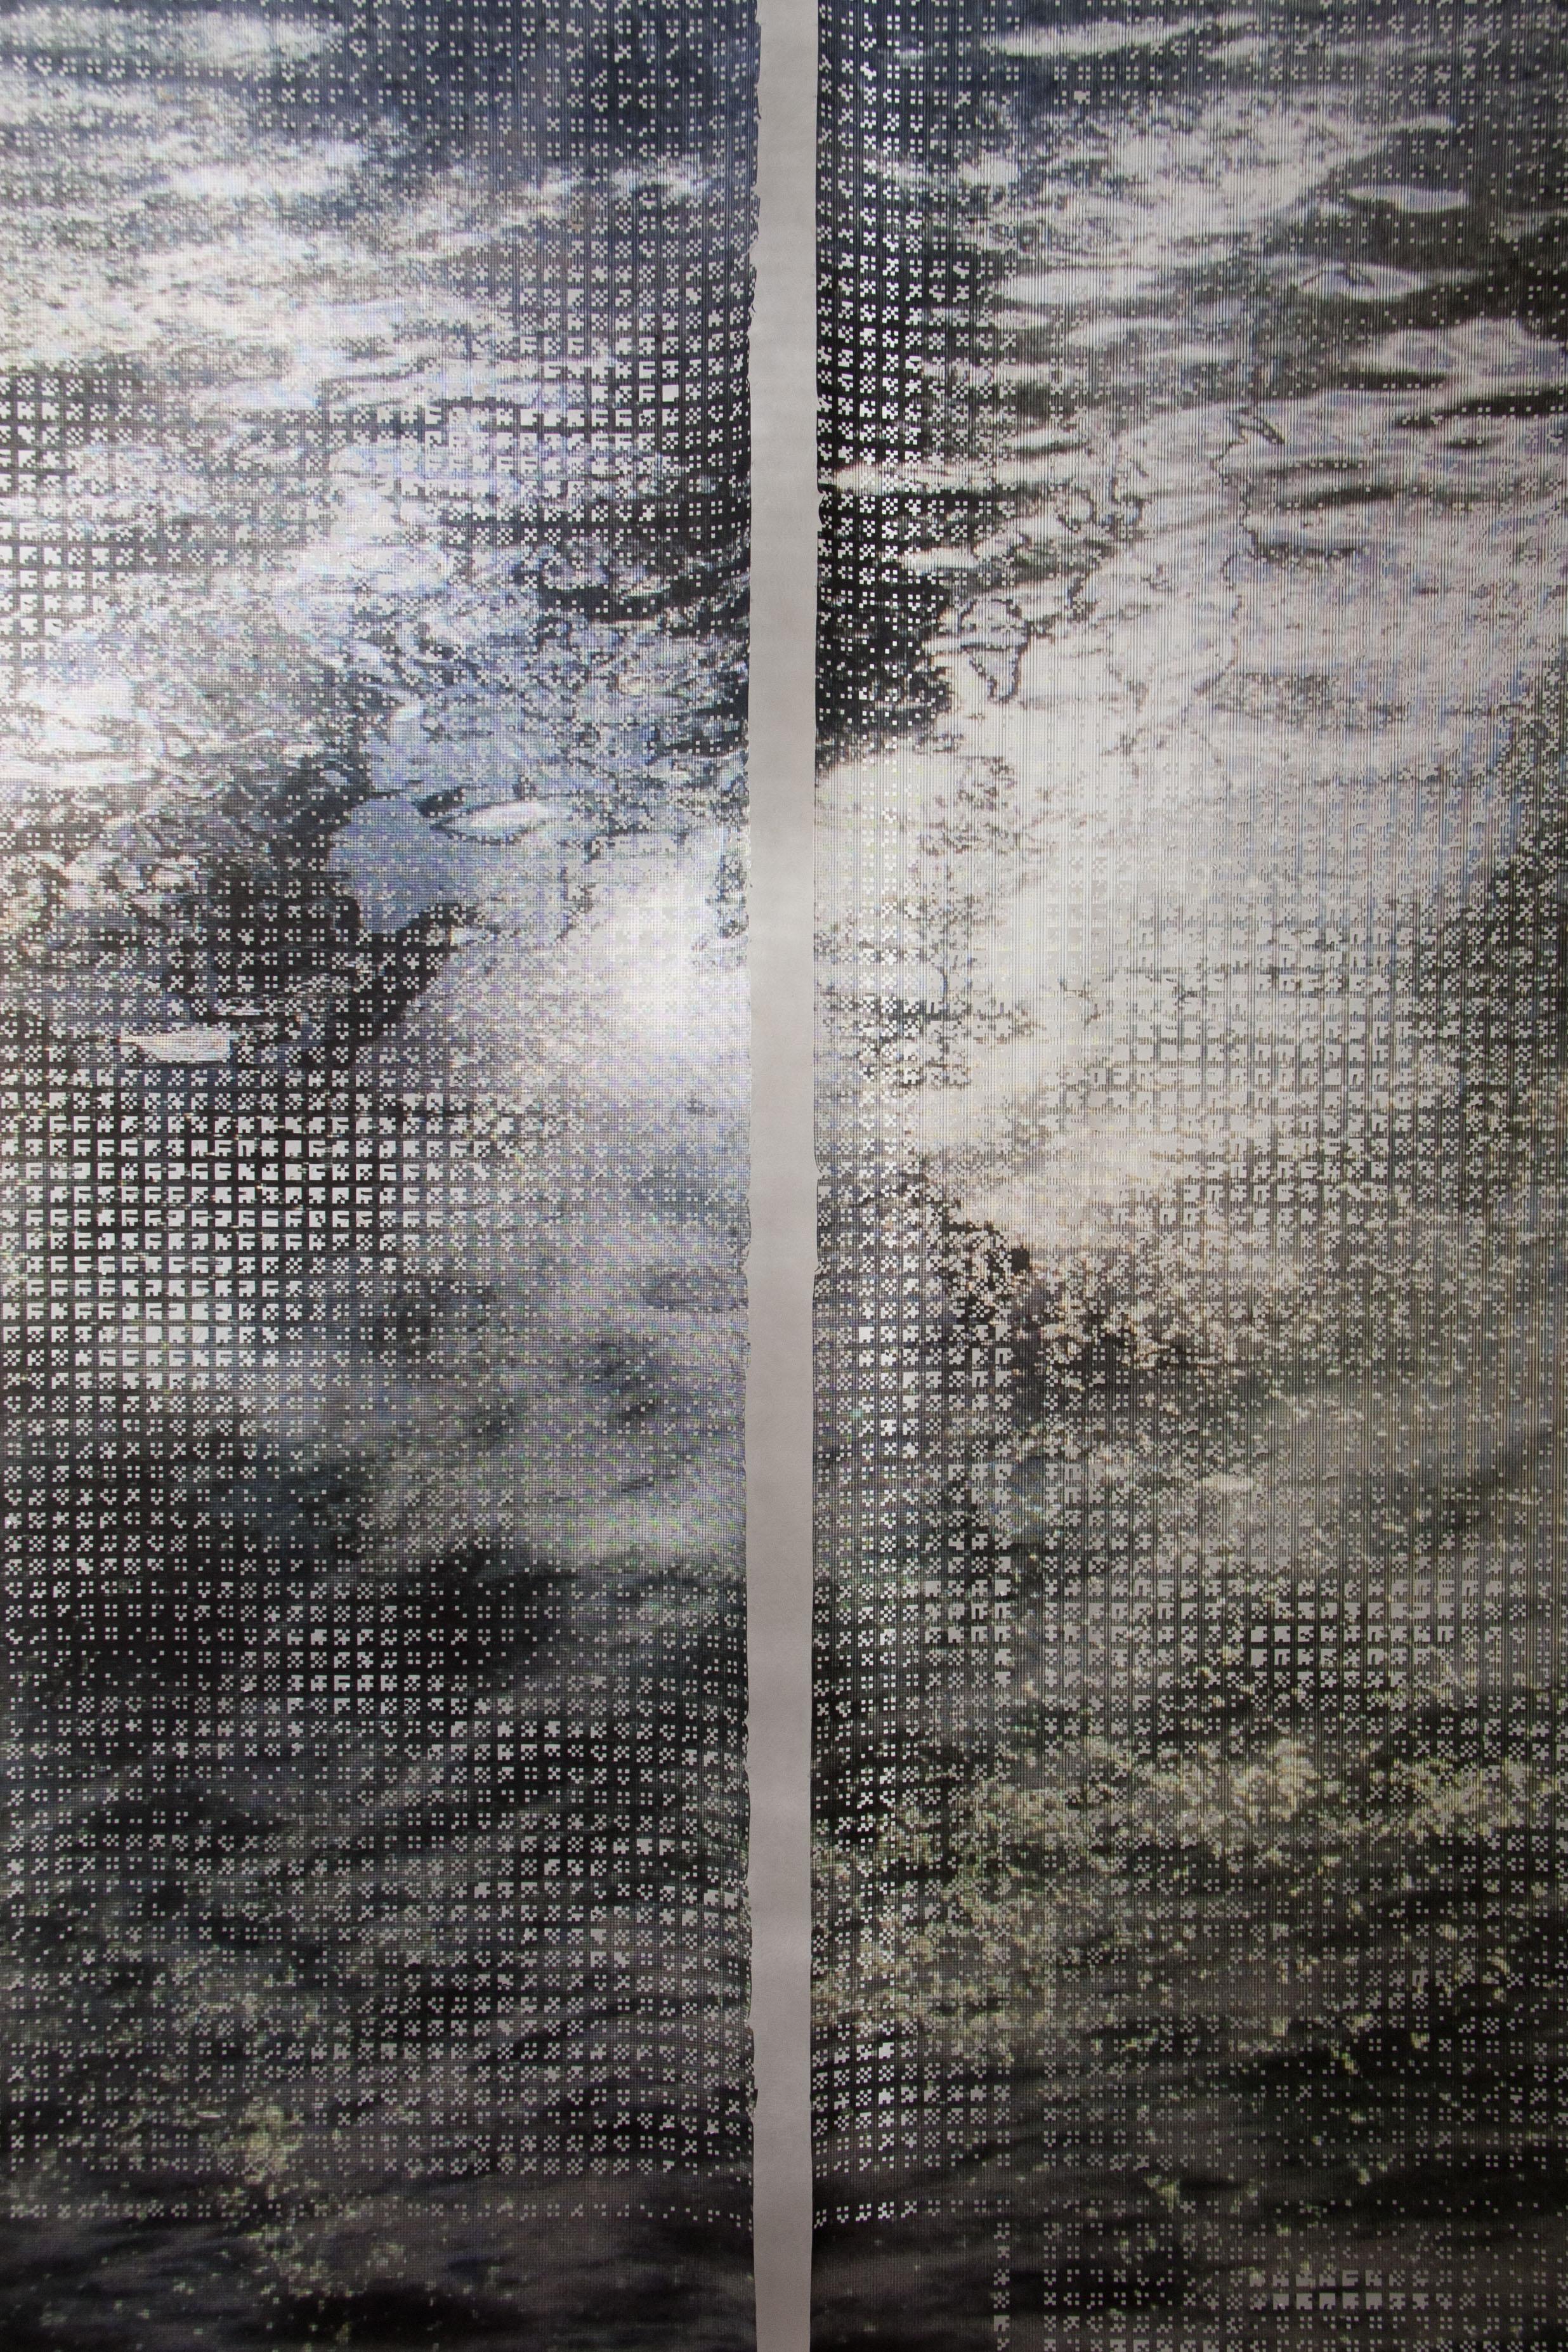 Dissolve View (detail)